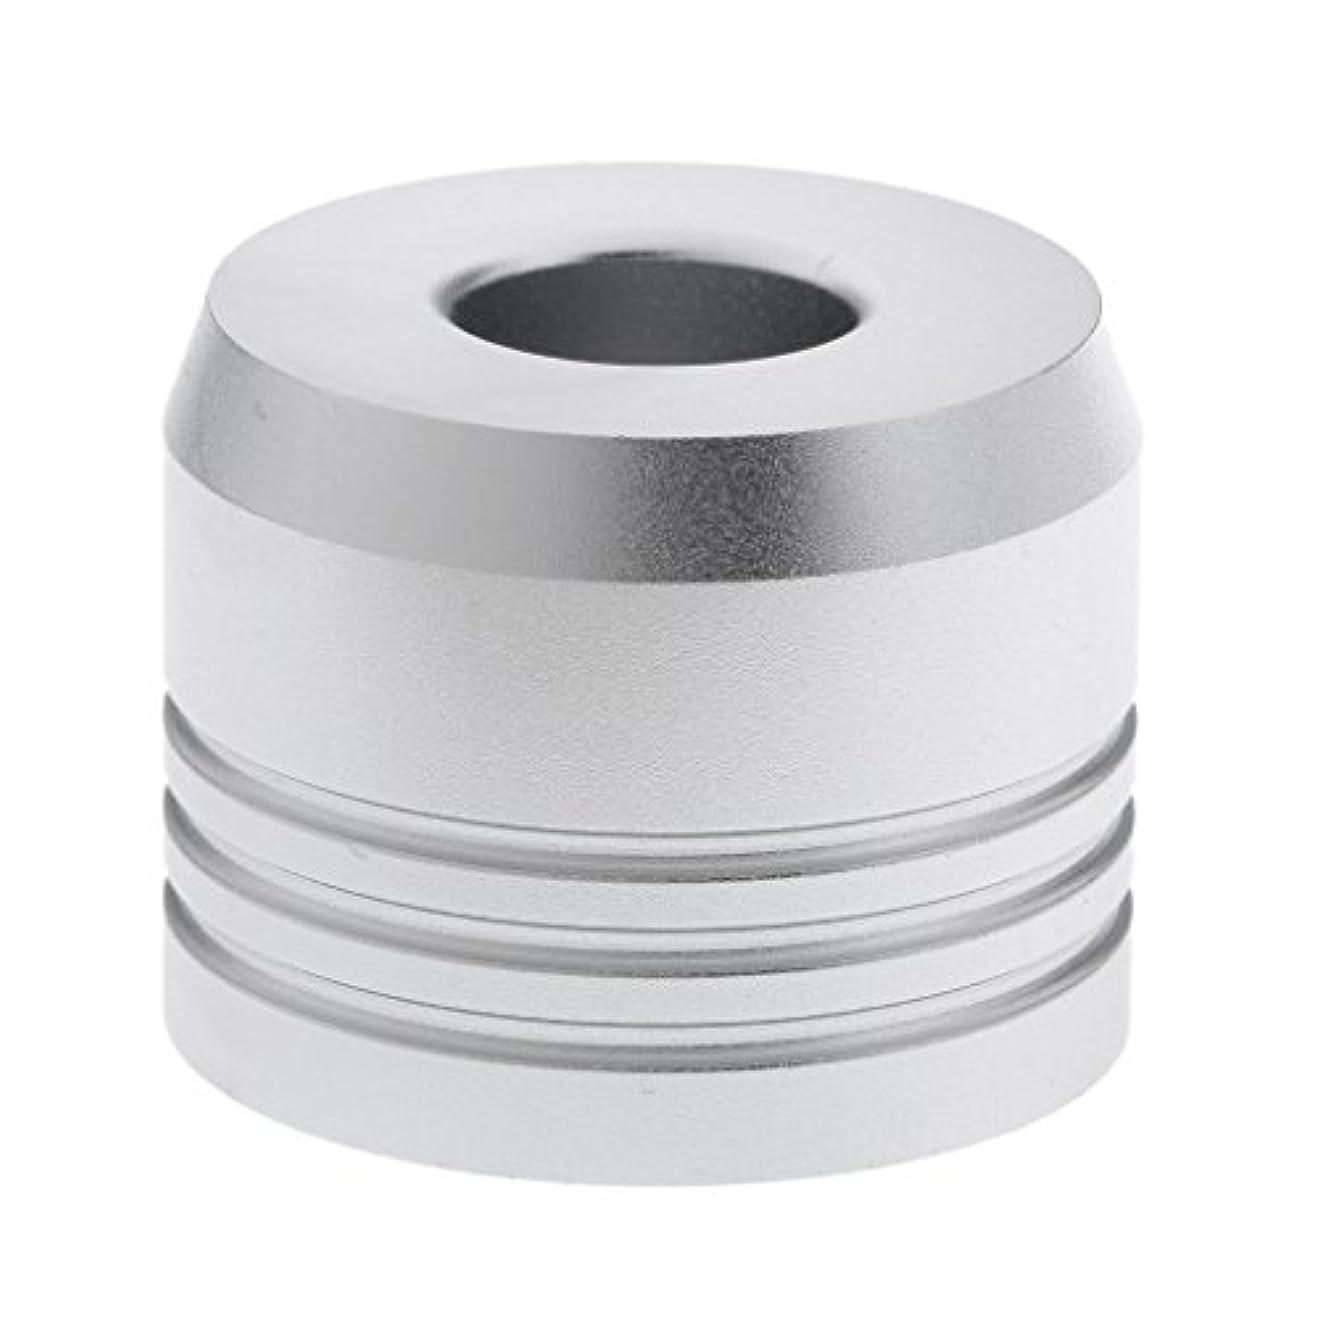 軸強調する枝カミソリスタンド スタンド シェービング カミソリホルダー ベース サポート 調節可 乾燥 2色選べ - 銀